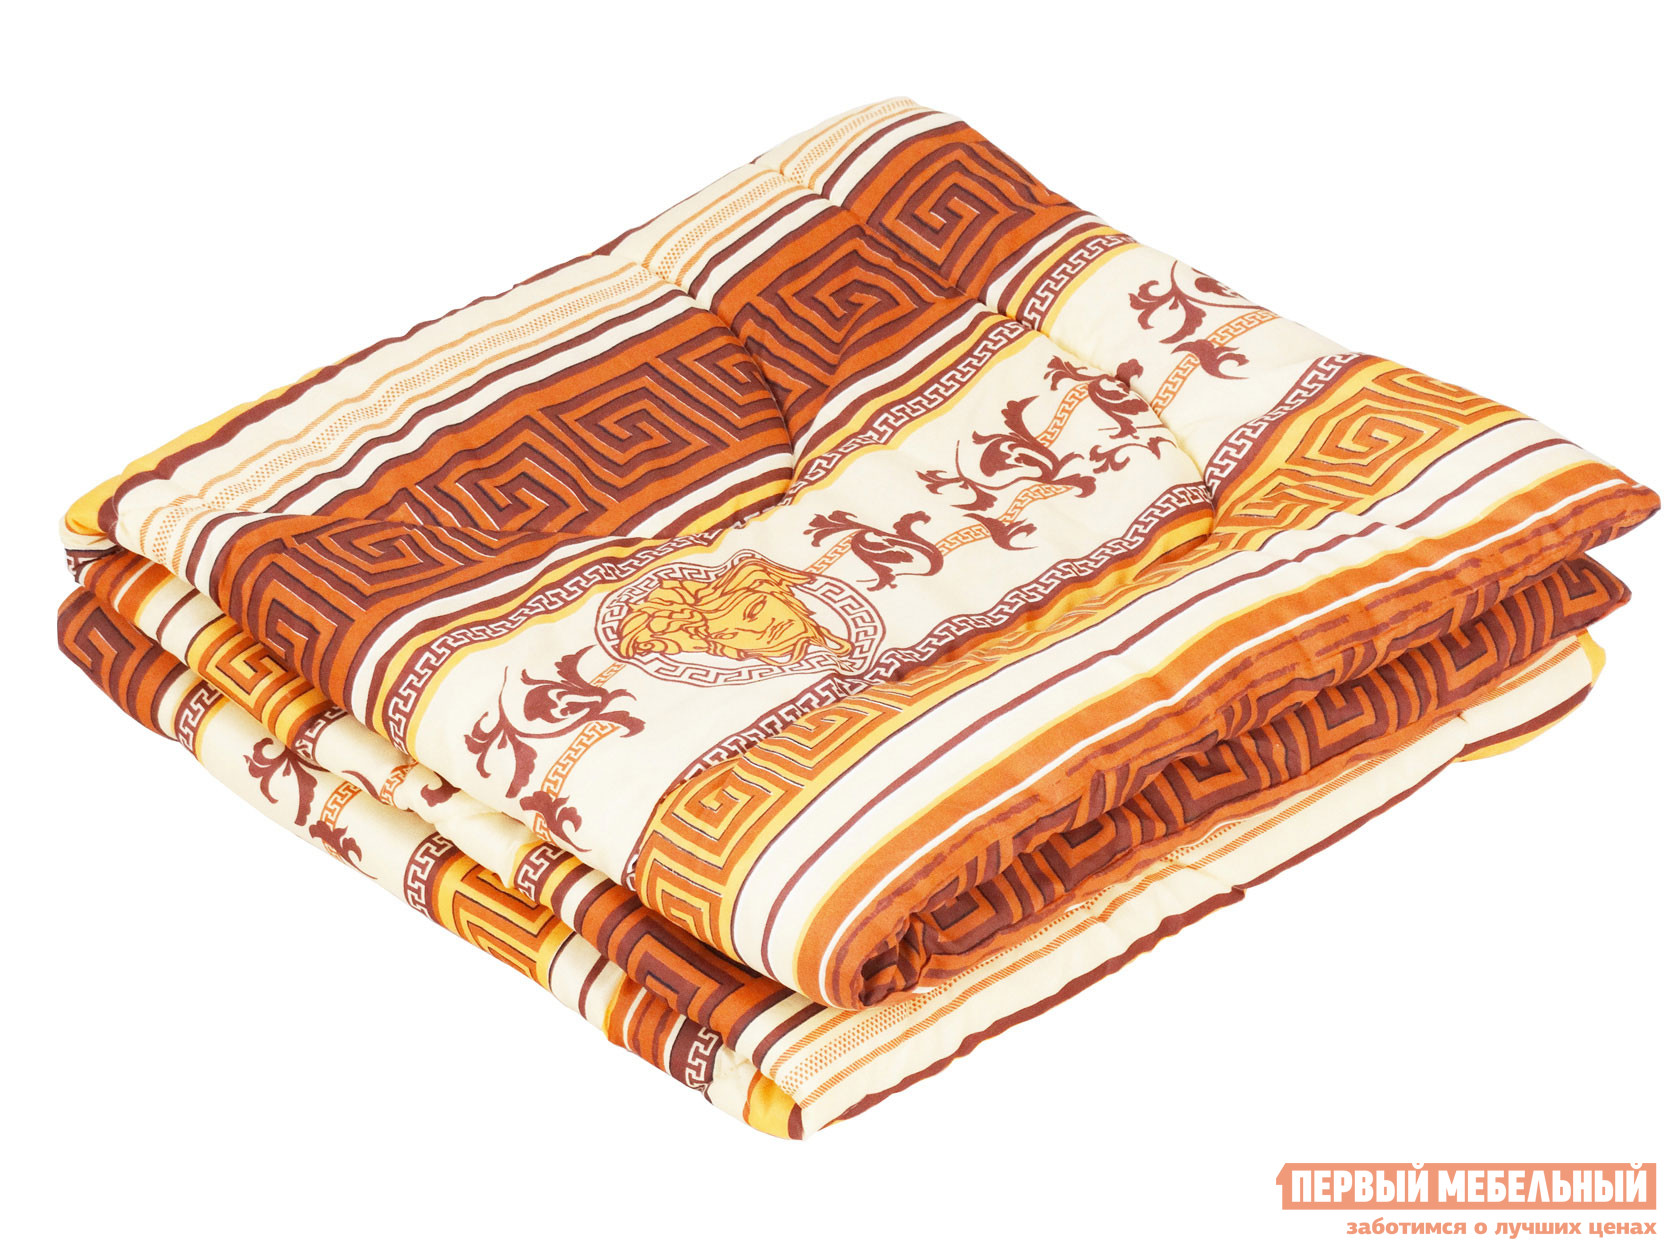 Одеяло Первый Мебельный Одеяло полиэстер/синтепон, 150г/м2 легкое, 200х220